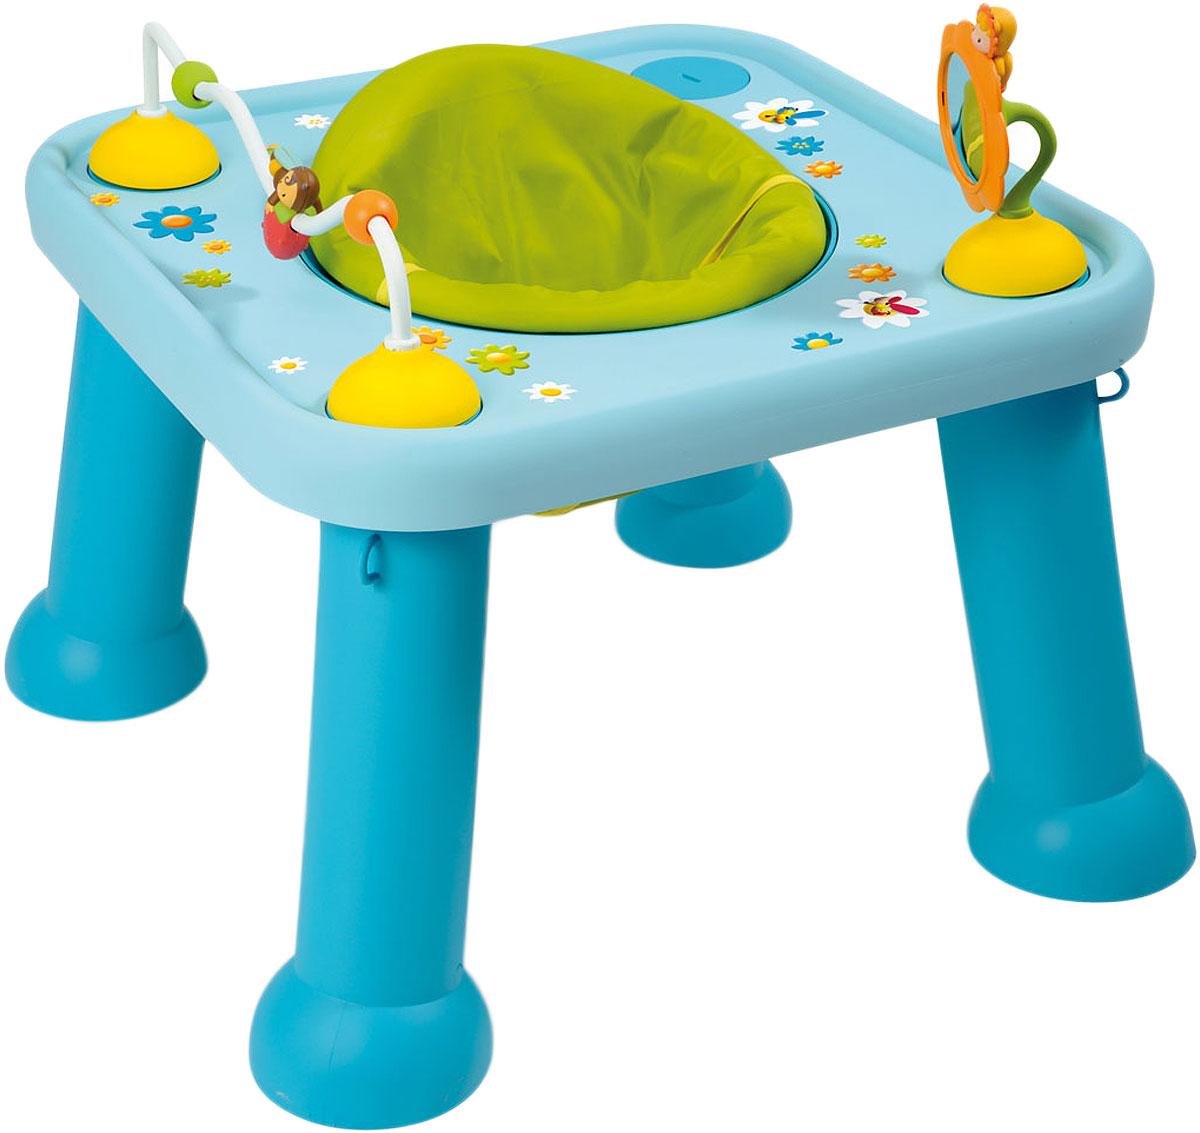 Smoby Стол-трансформер цвет голубой211310_голубойДетский стол-трансформер Smoby станет самым любимым местом для вашего малыша. На стол можно установить игрушки: зеркальце в виде цветочка и изображением Тулипа - одного из персонажей Cotoons, и лабиринт с Зумом. В центре стола предусмотрено сидение, вращающееся на 360 градусов и регулирующееся по высоте, а устойчивые ножки столика позволят не беспокоиться о безопасности ребенка. Когда ребенок подрастет, игрушки можно убрать, а место для сидения закрыть крышкой, на которой изображены Вабап, Зум, Панки и Тулип, получив при этом столик для игр. Стол-трансформер от Smoby способствует развитию у малыша мелкой моторики и любознательности. Рекомендуется для детей от 5 месяцев.